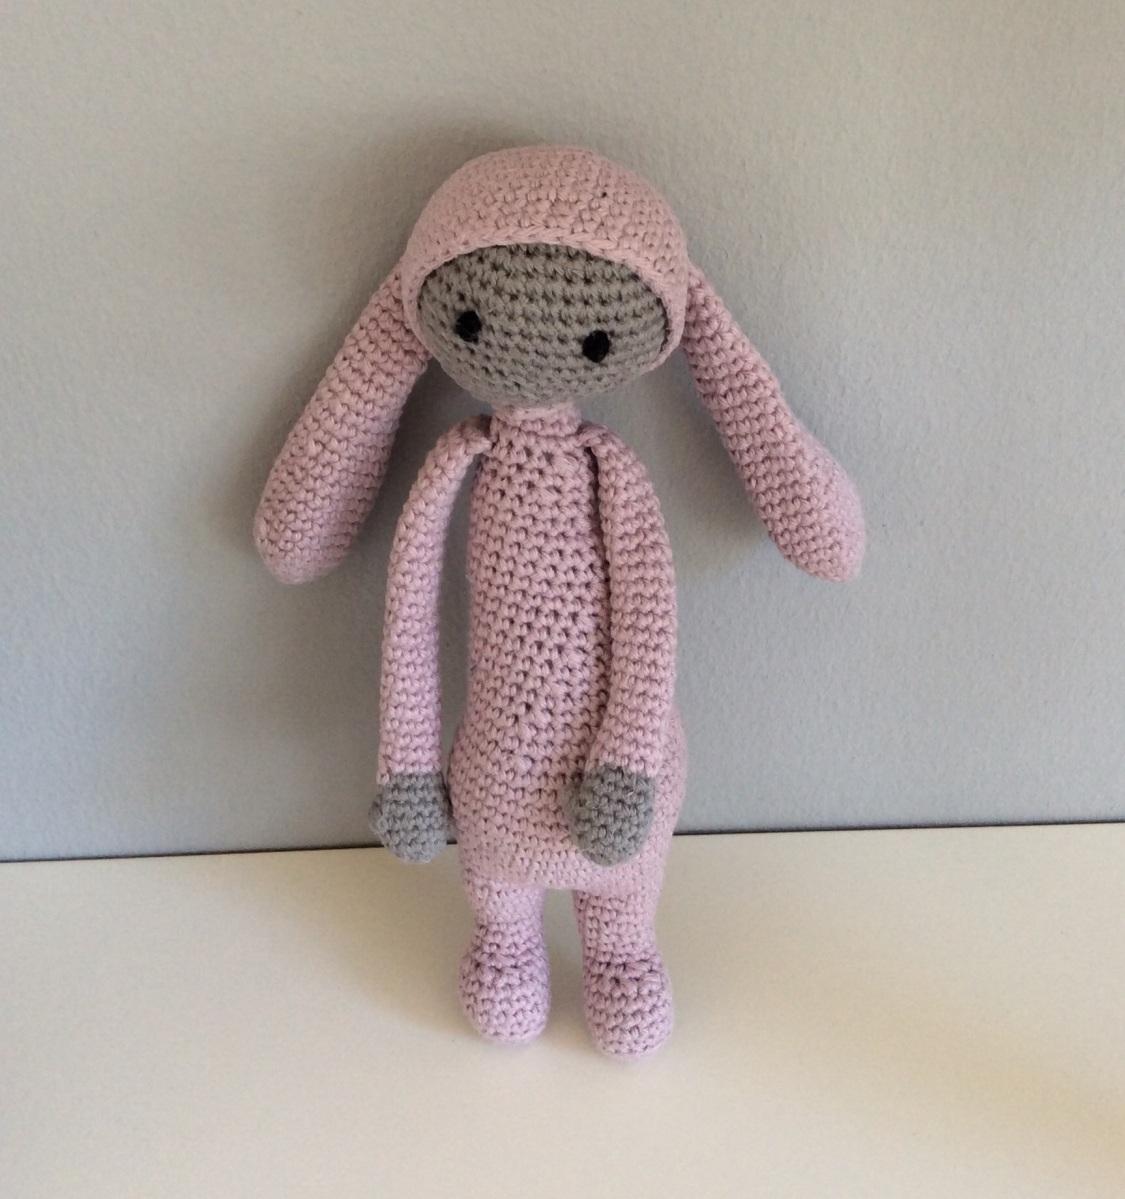 #765566 Dette års Hæklet Kanin Der Er God Til Små Baby Fingre SchnoorCaspersen Gør Det Selv Ting Til Baby 6191 112512006191